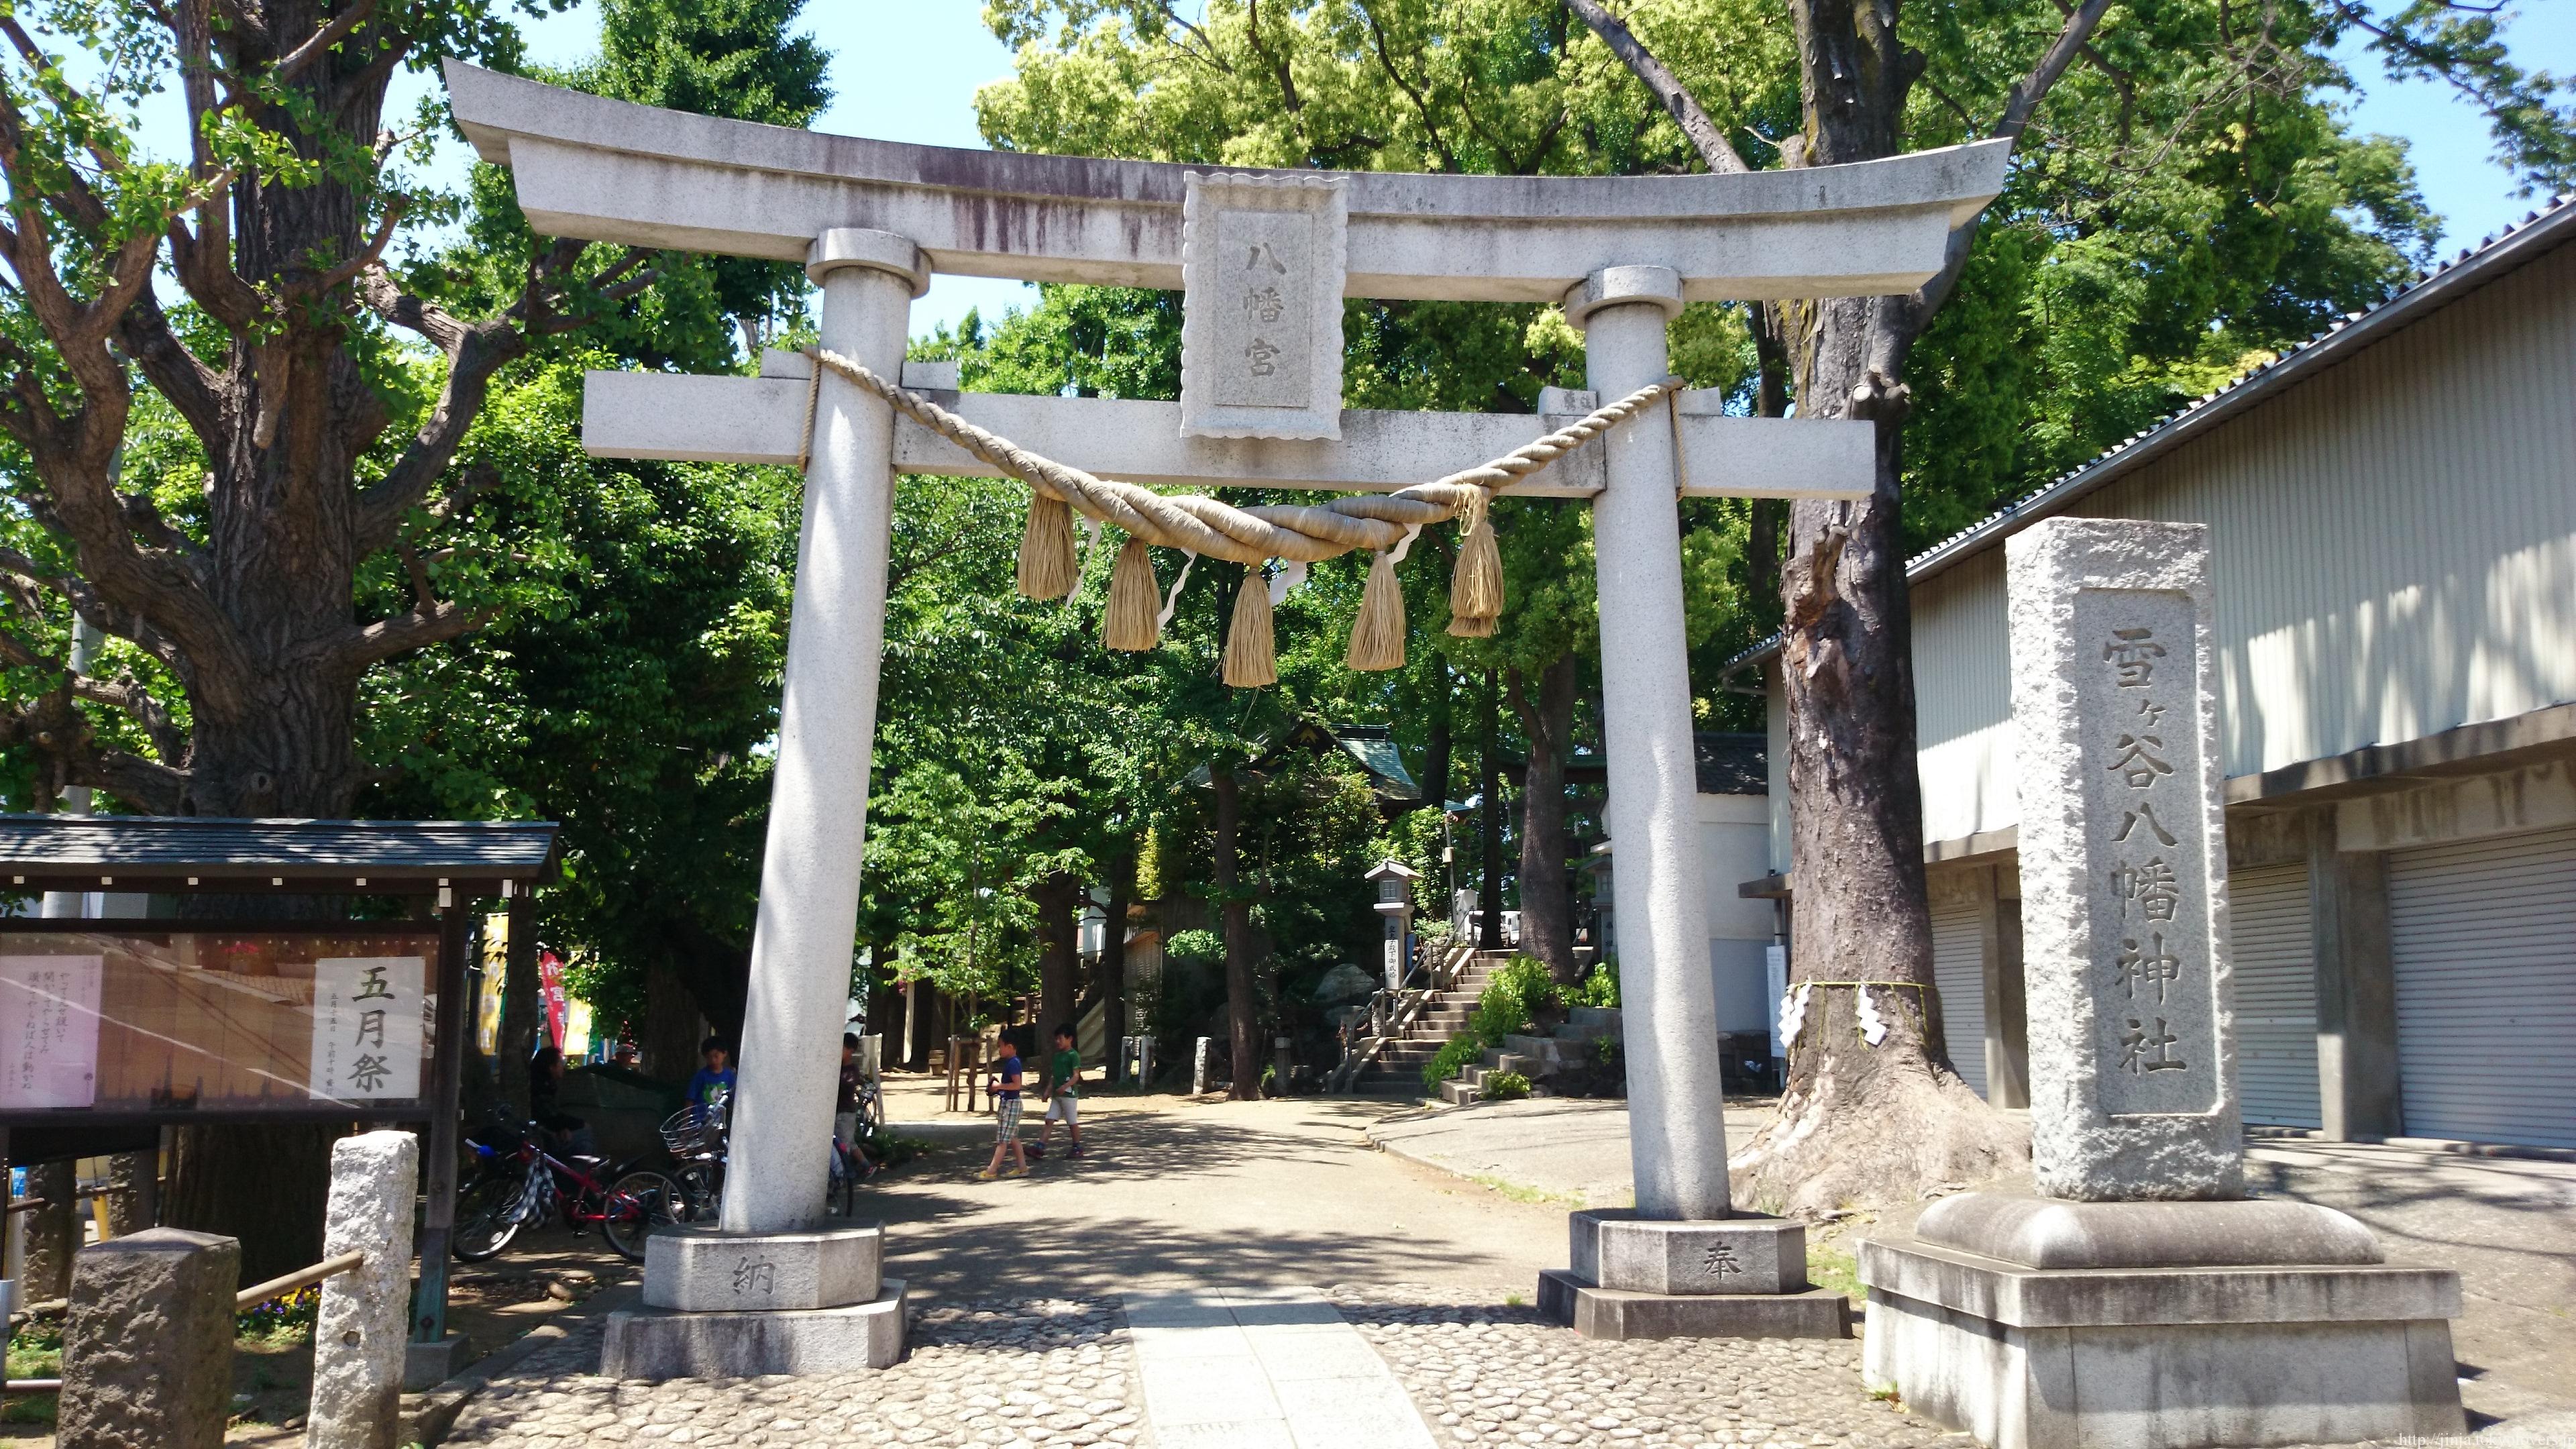 雪ヶ谷八幡神社   神社と御朱印